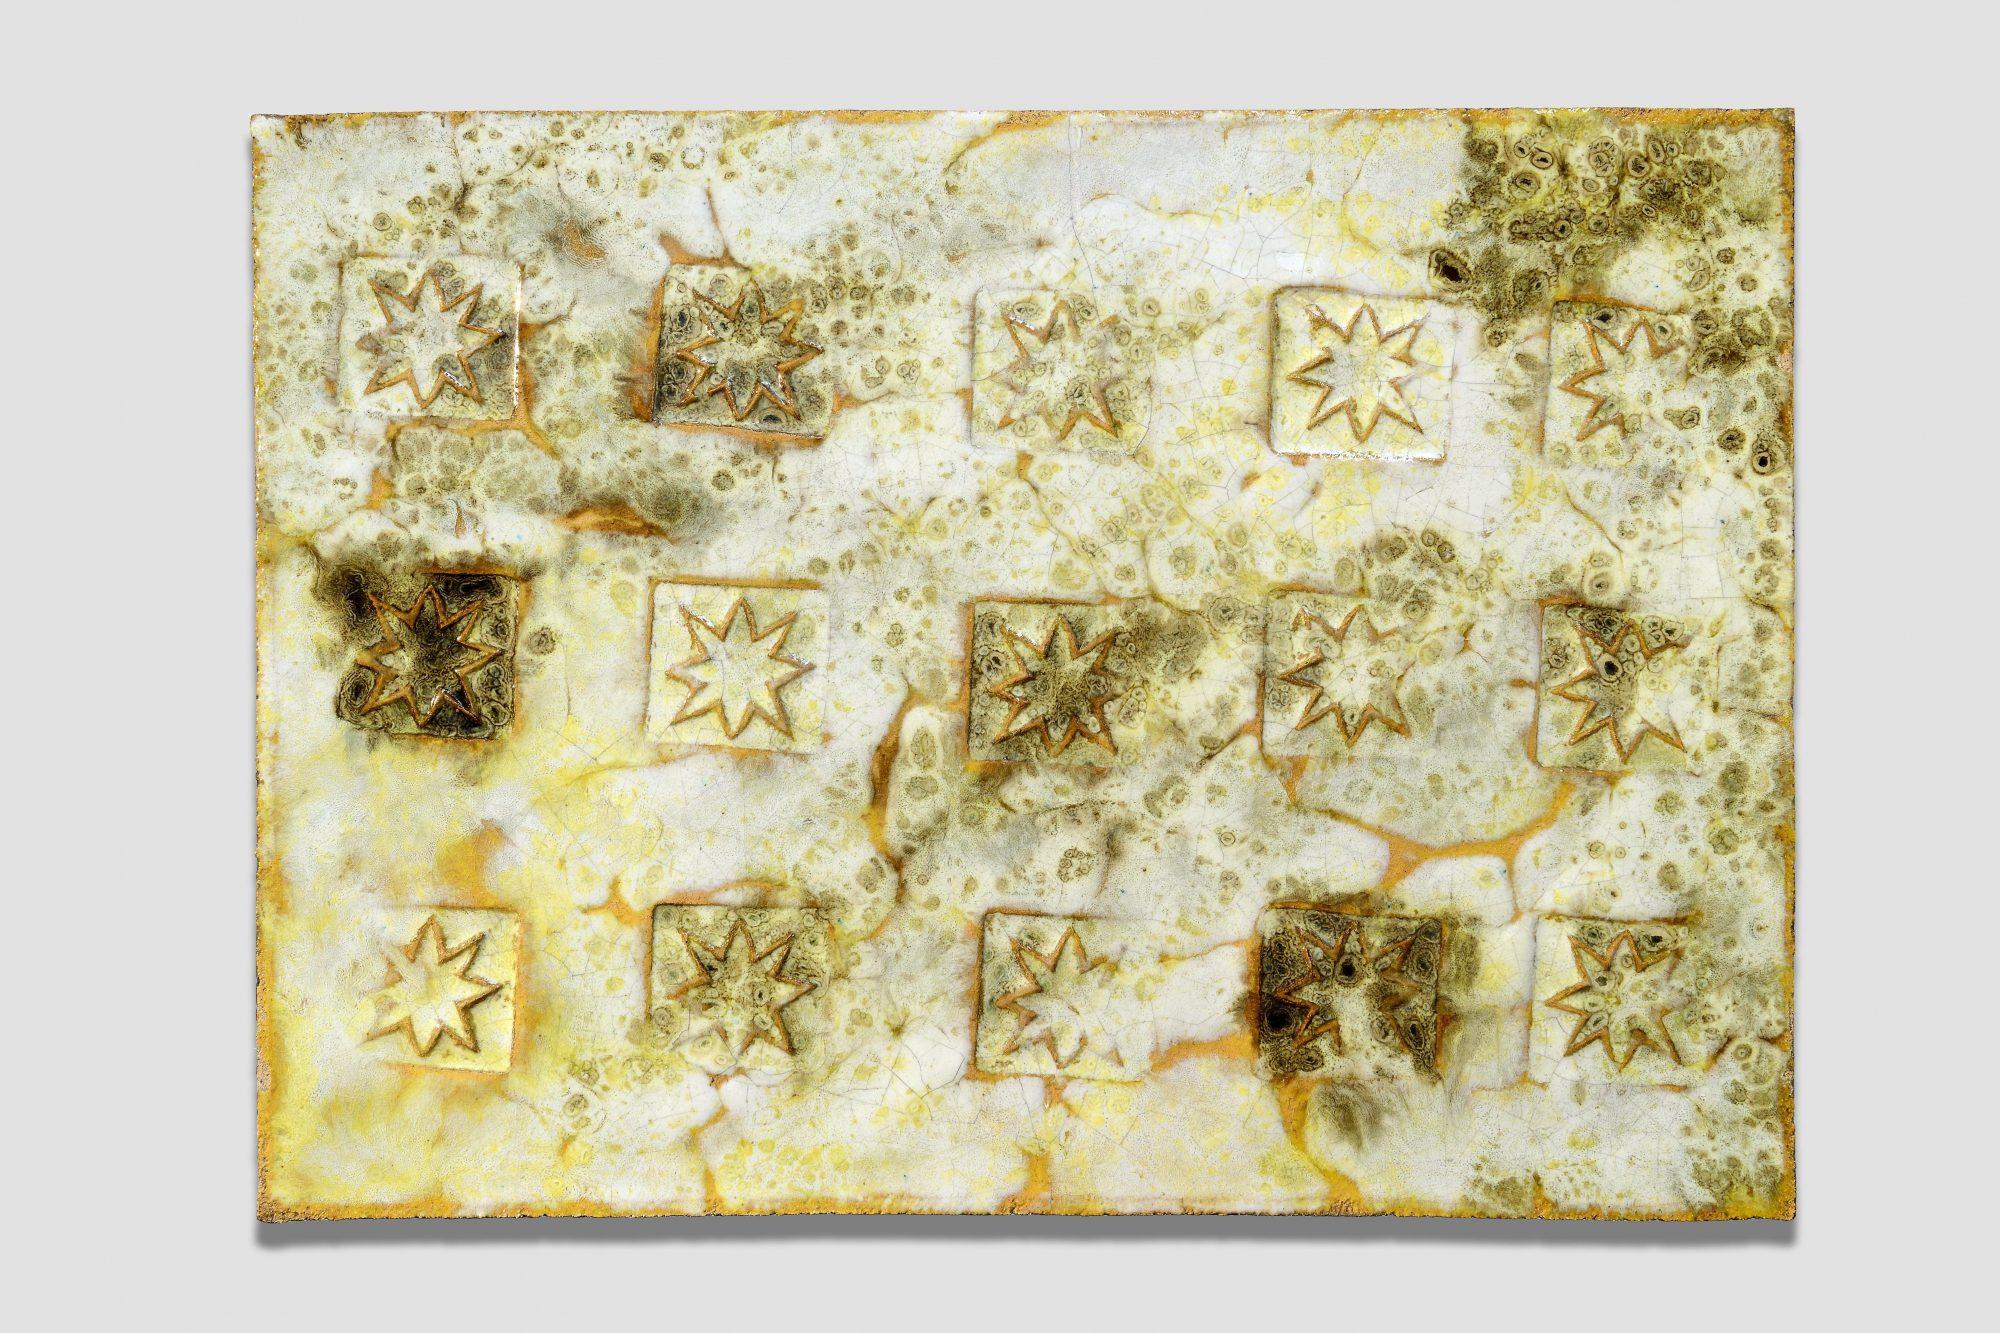 Fausto Melotti |   Bas relief panel - stars